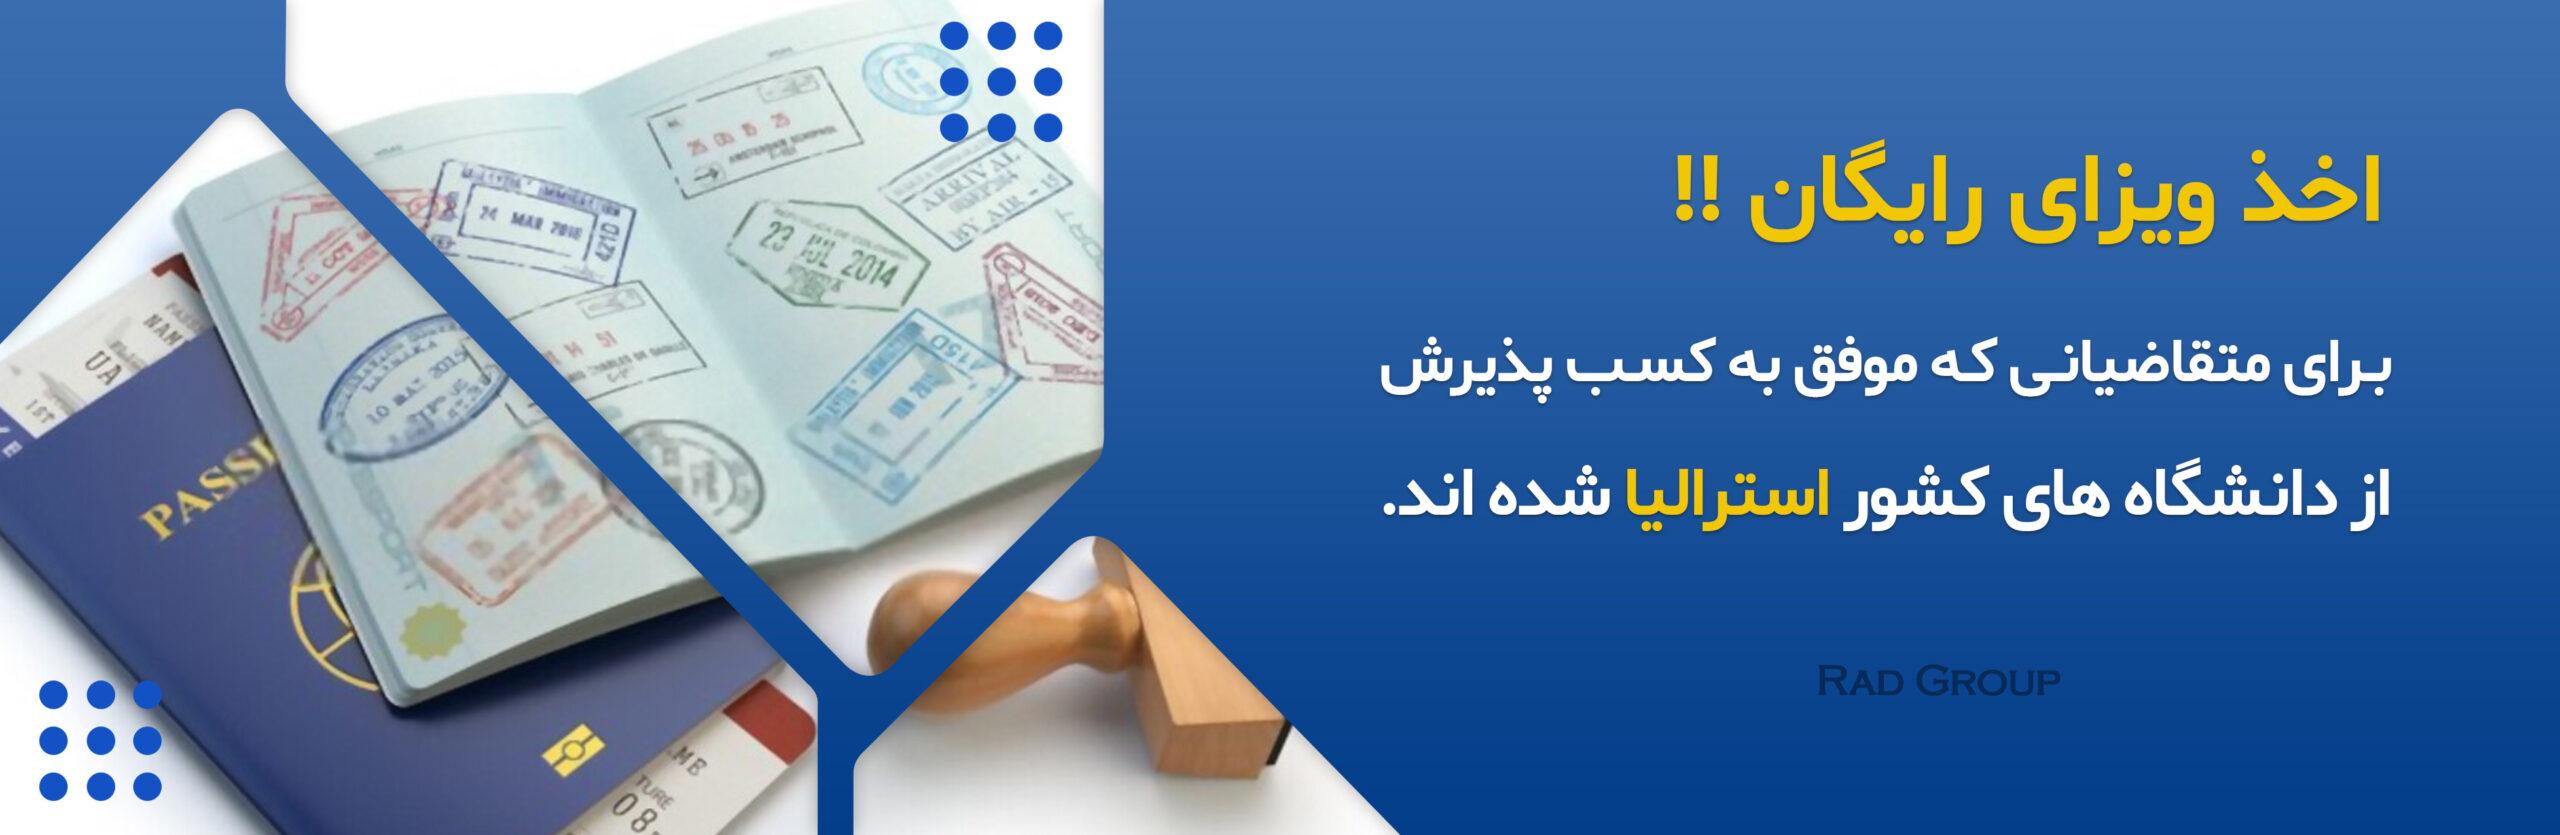 اخذ ویزای رایگان